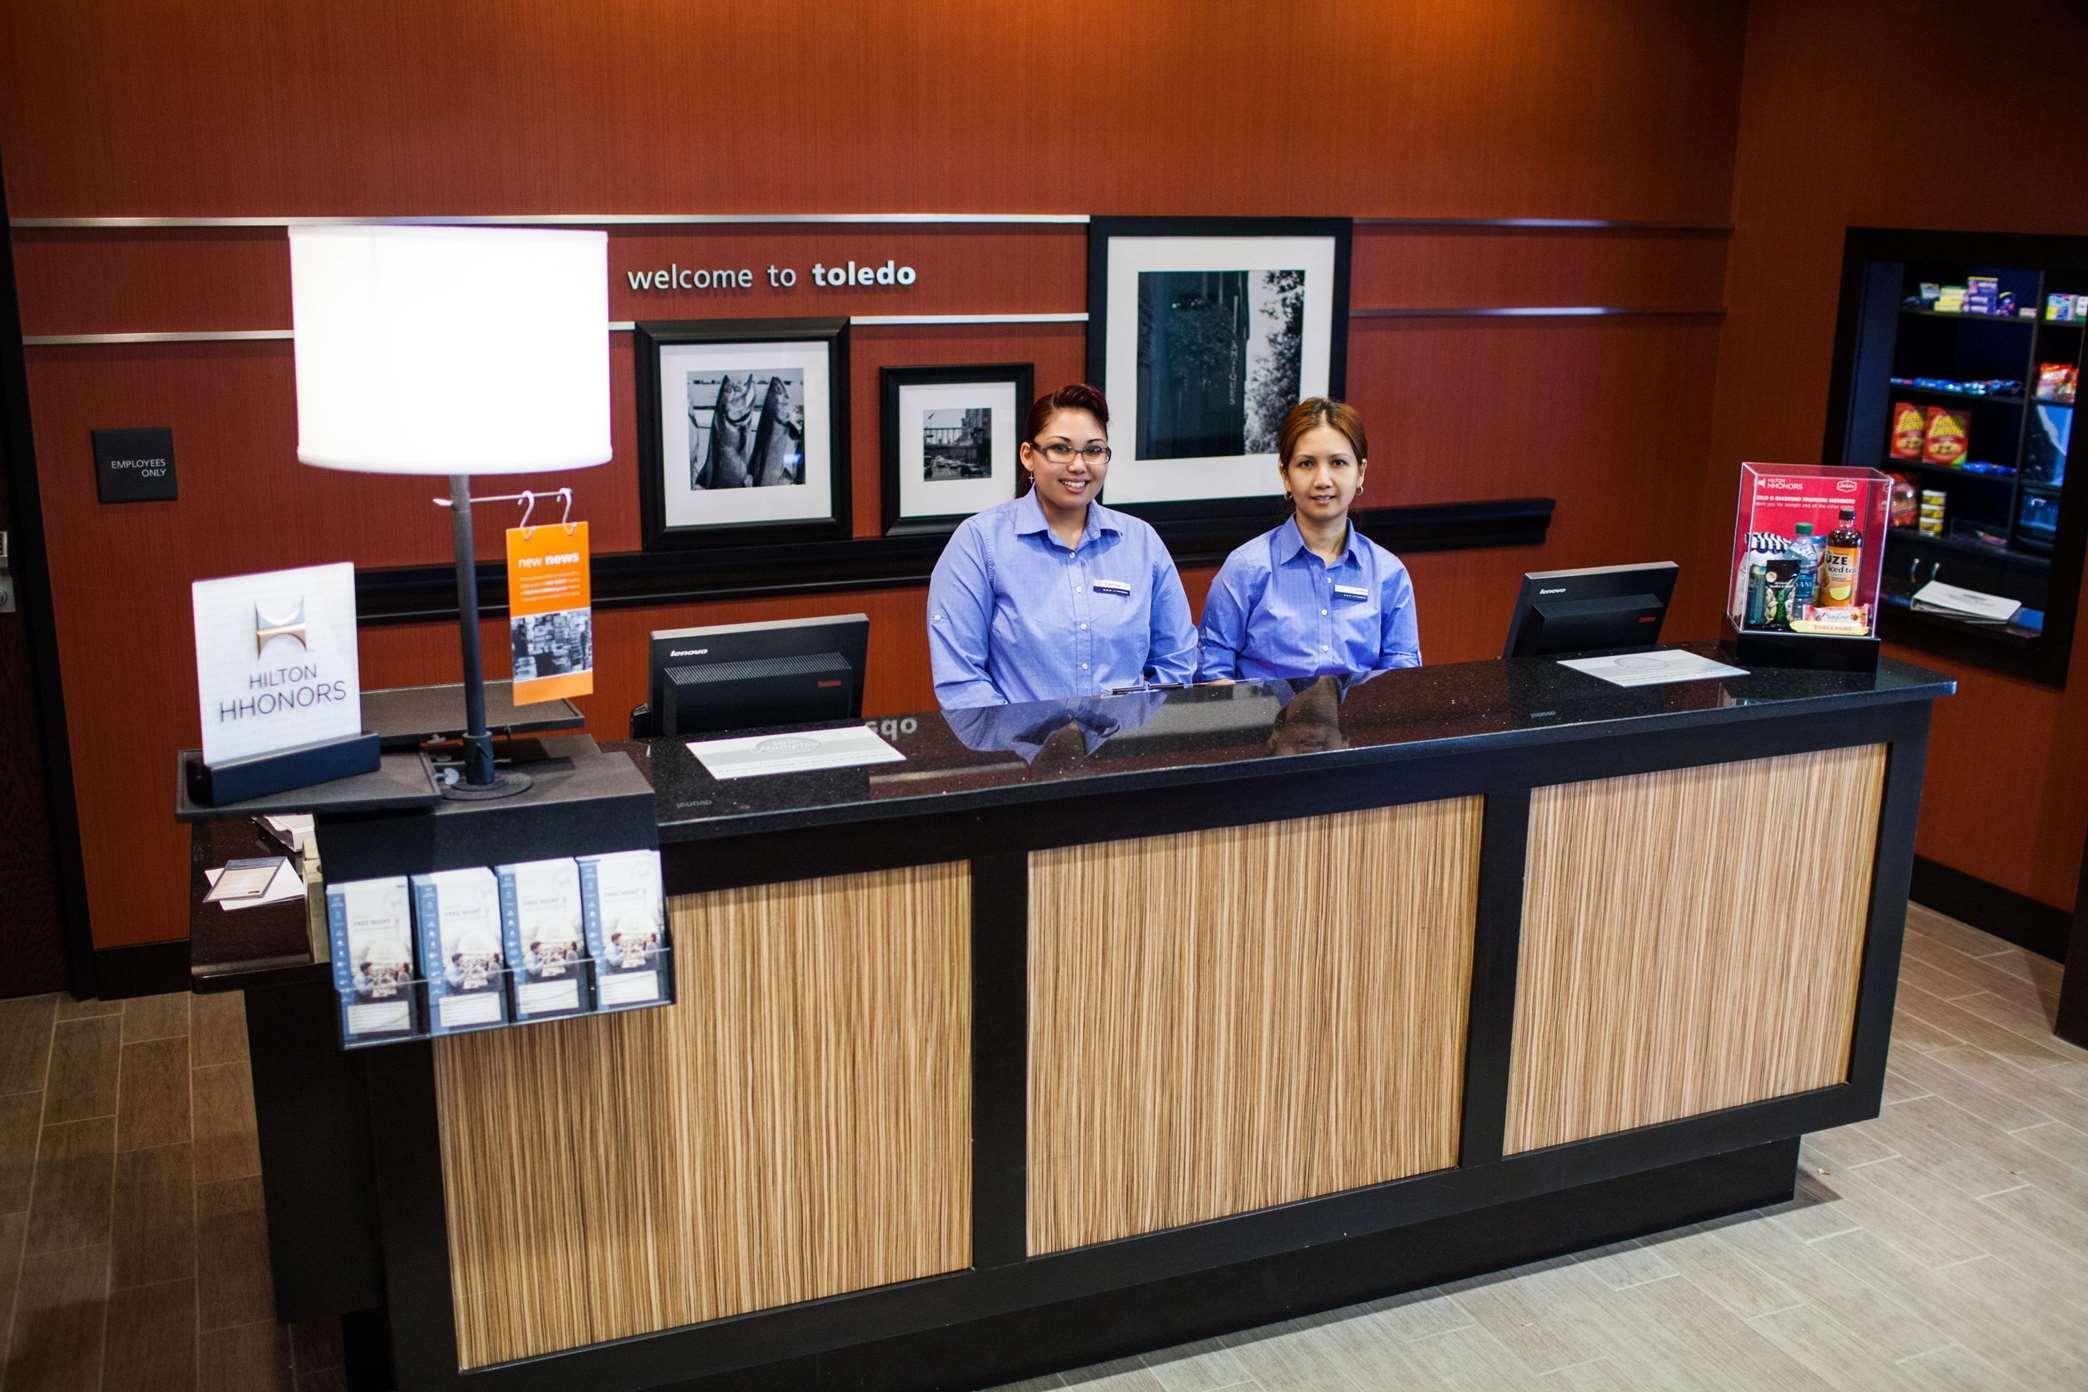 Hampton Inn & Suites Toledo/Westgate image 3